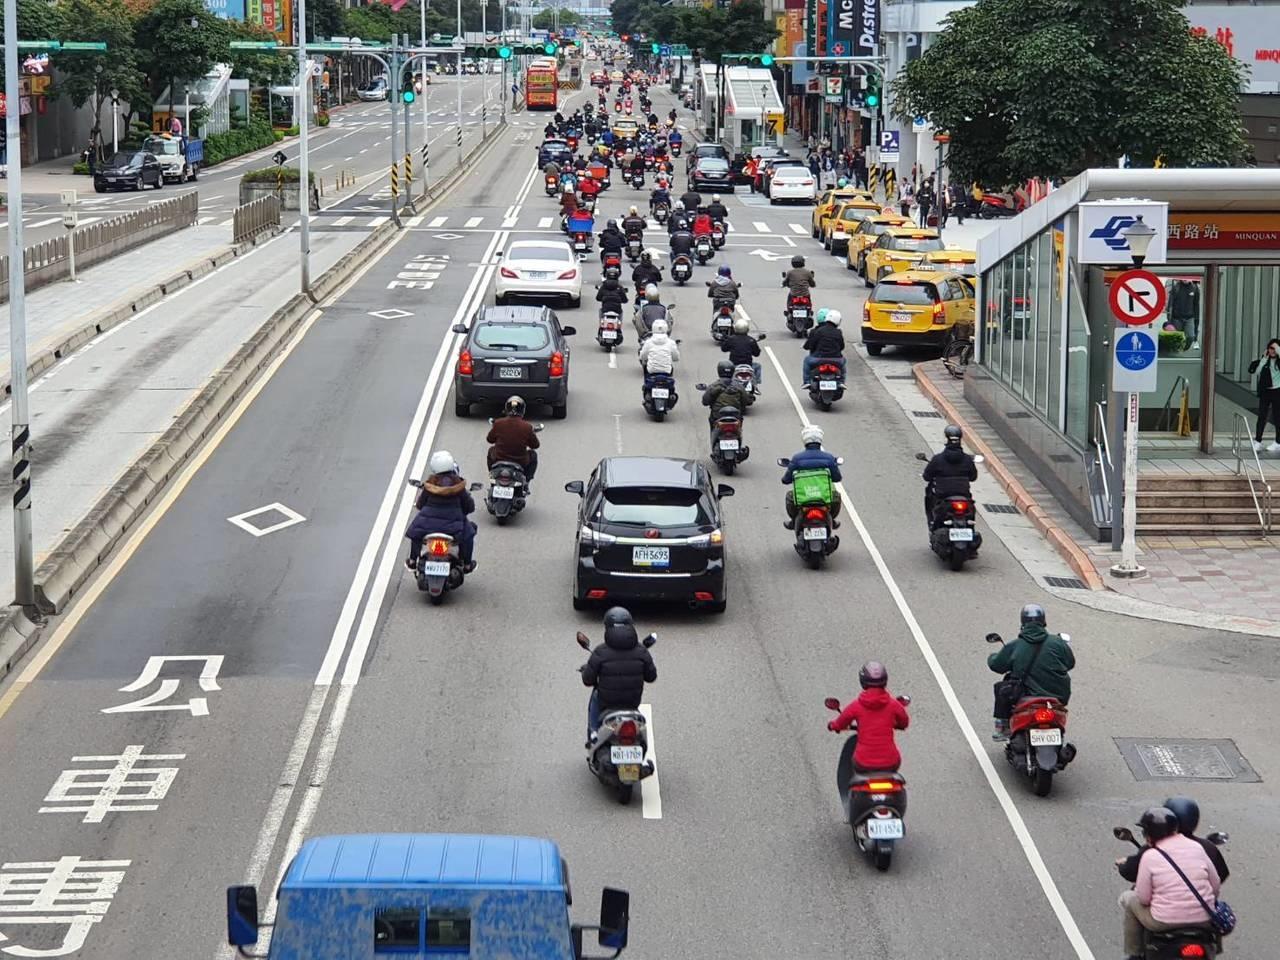 北市道路路型複雜,如何兼顧機車路權和安全,市府陷兩難,圖為民權西路二段 。記者楊正海/攝影